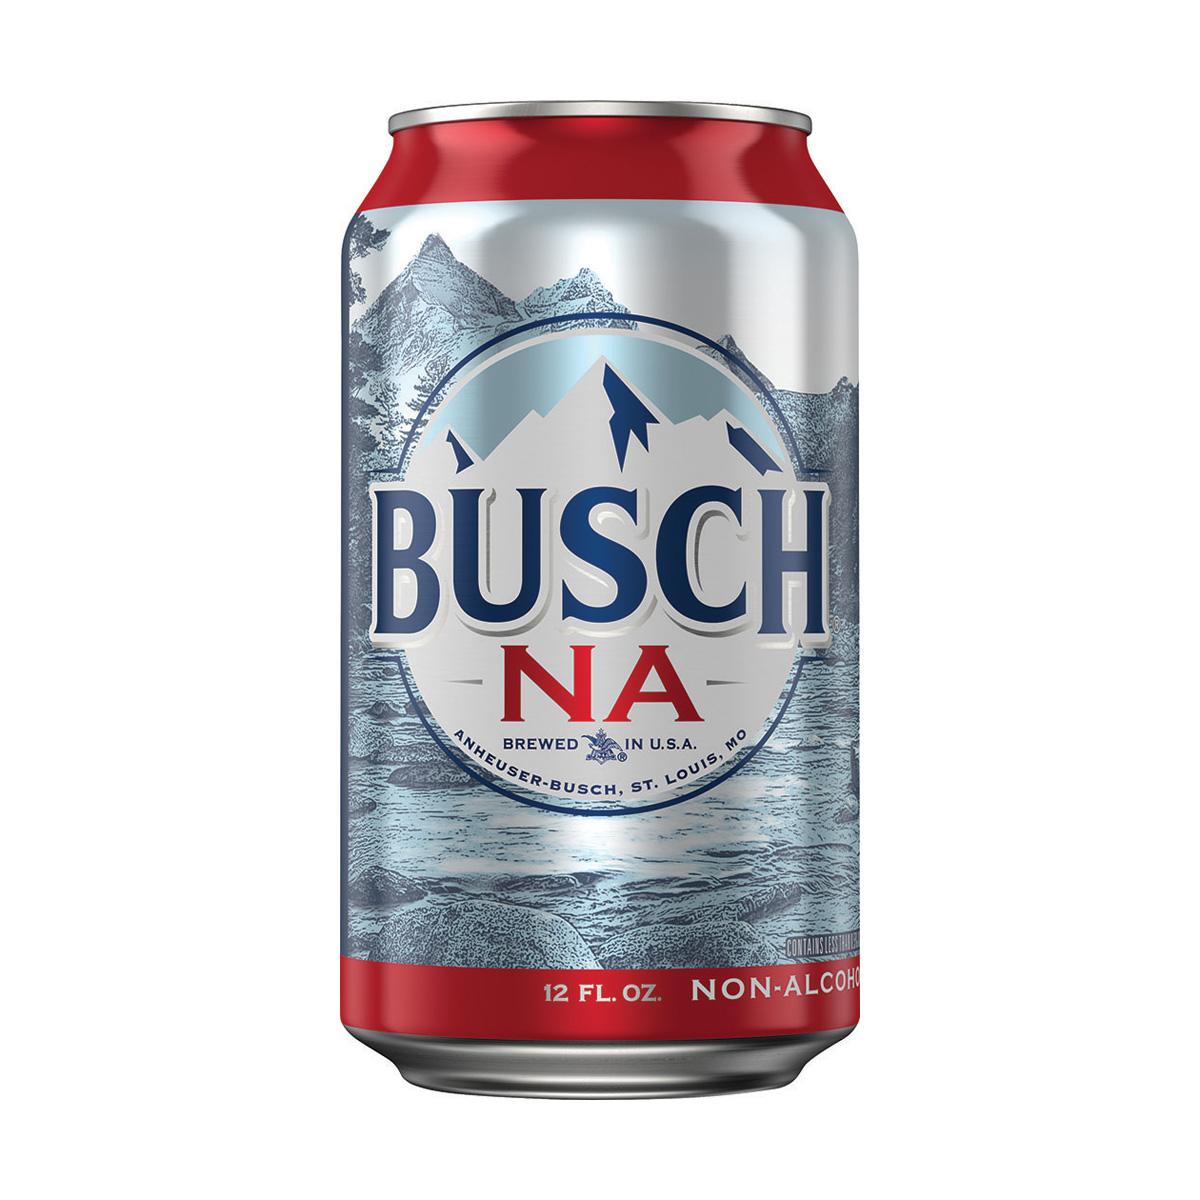 Busch (Non Alcoholic)